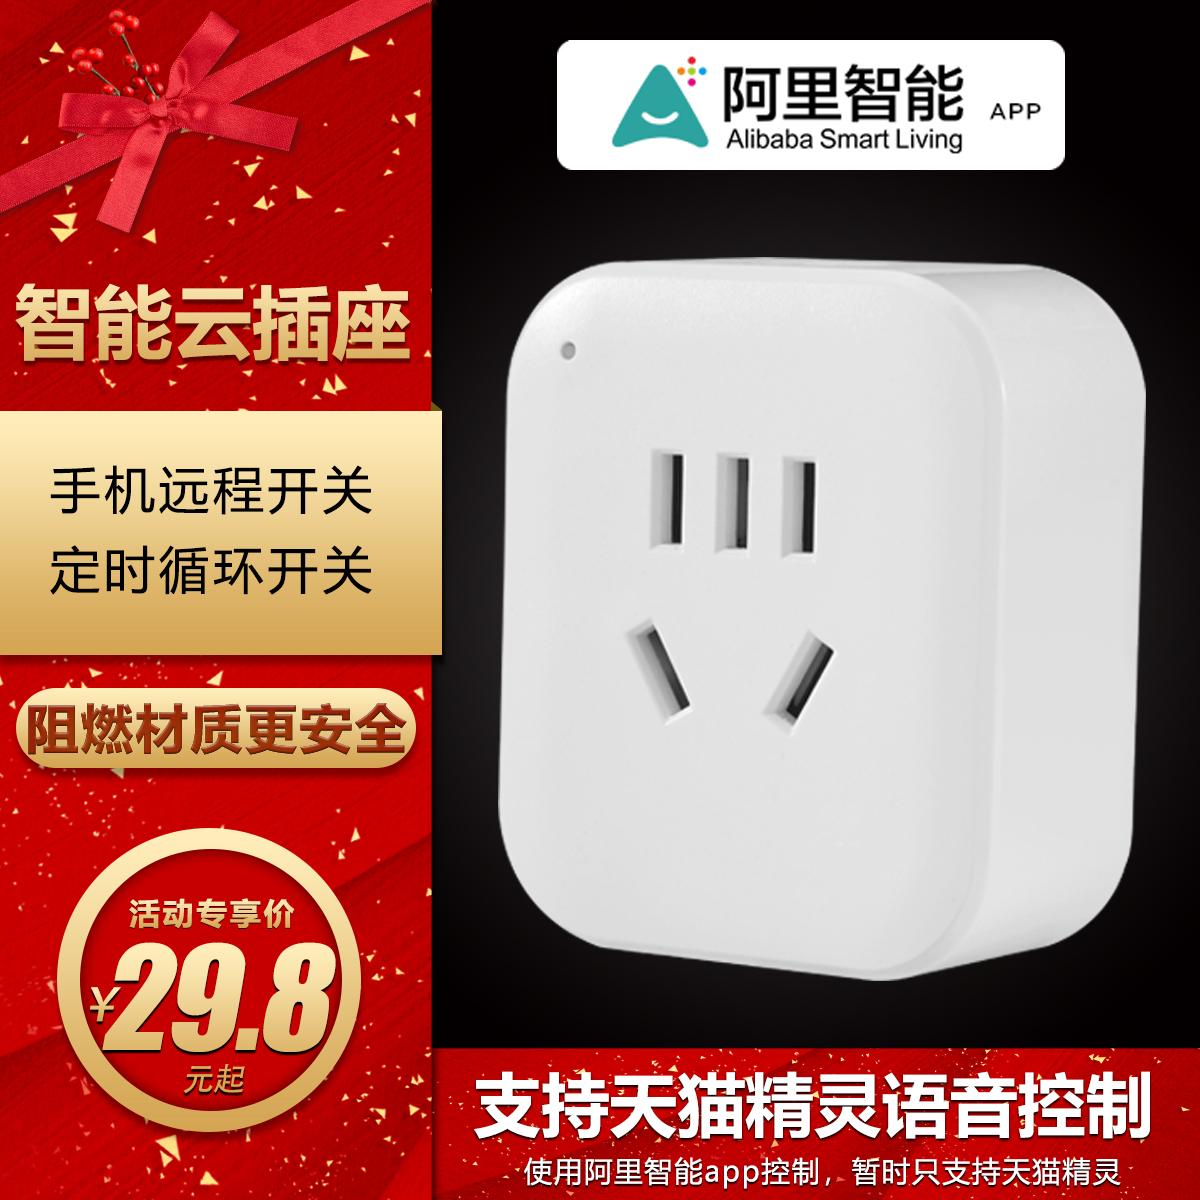 阿里智能插座WiFi手机远程遥控定时控制开关16a多功能插排家用